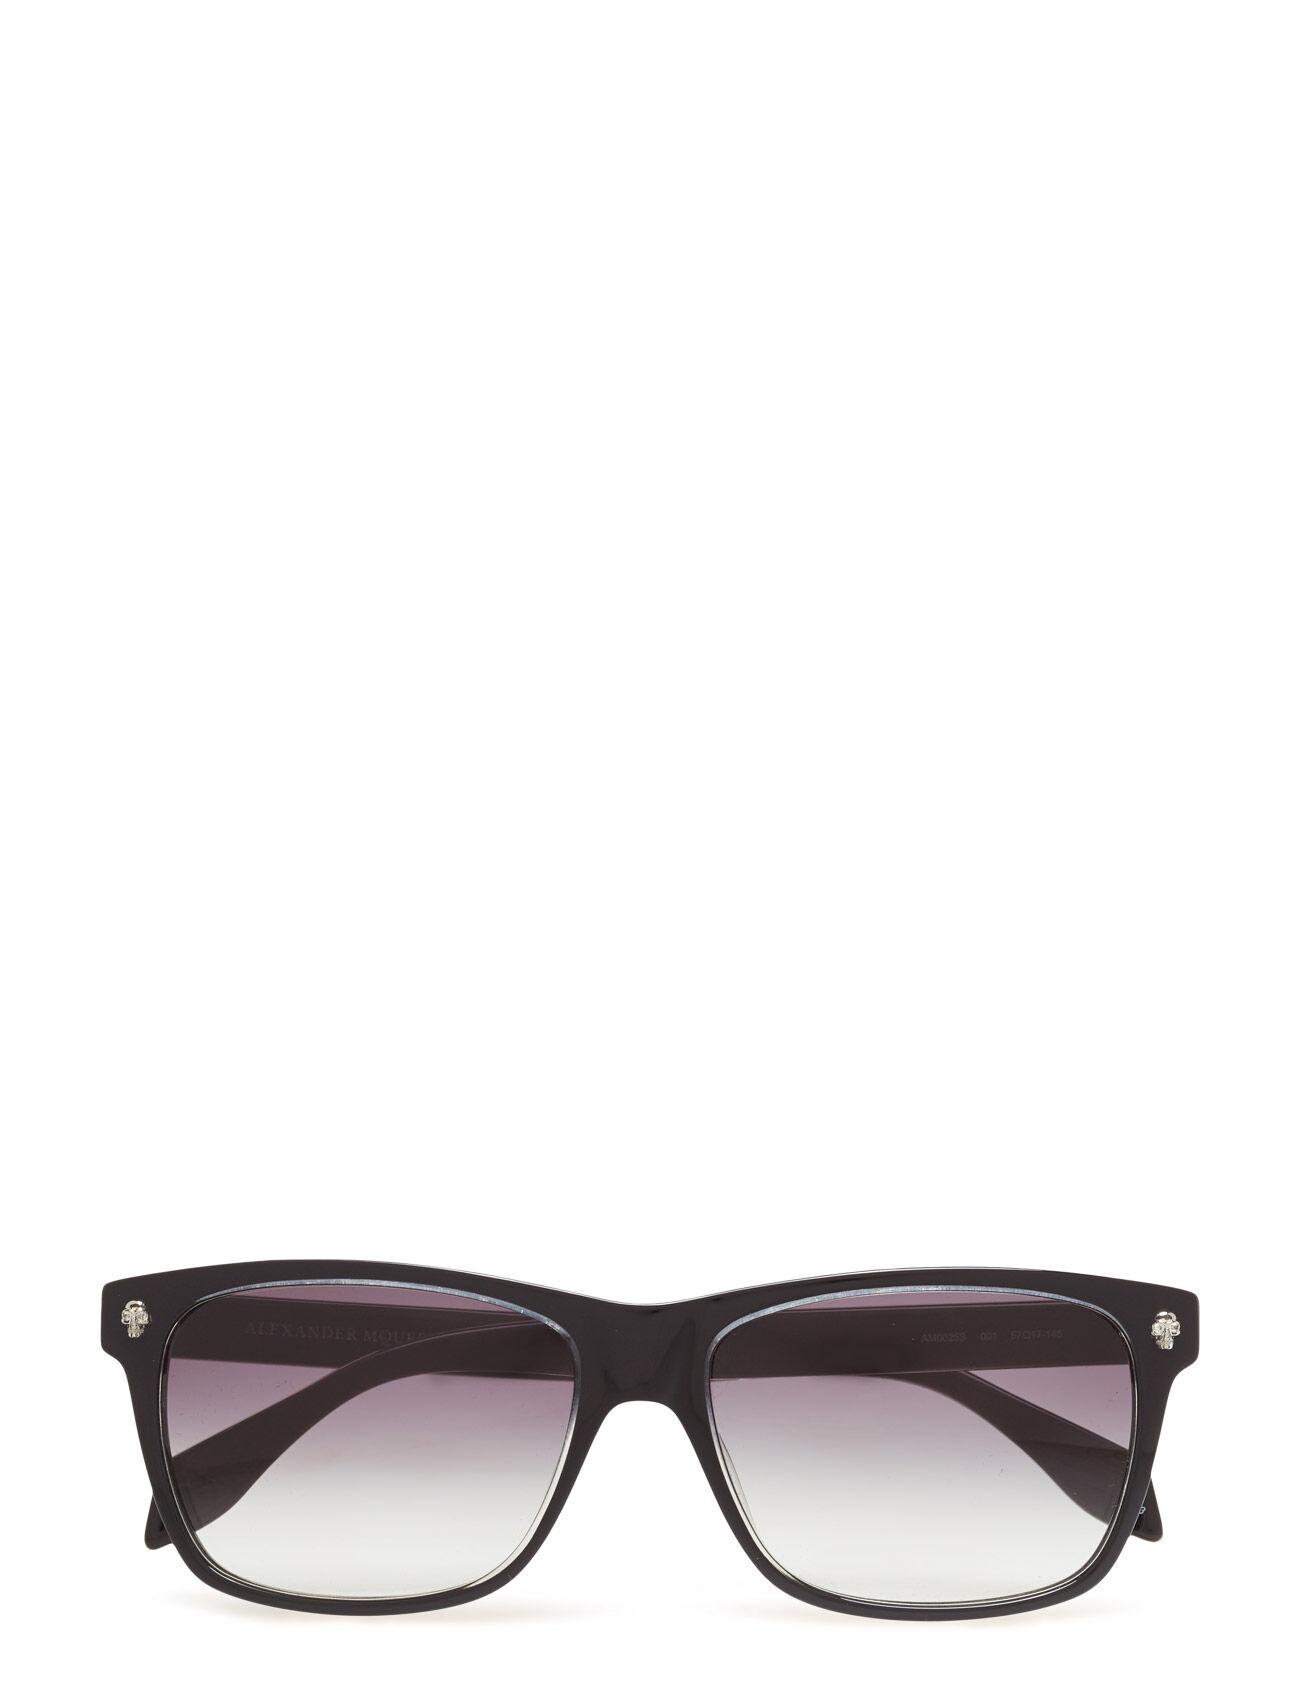 Alexander McQueen Eyewear Am0025s